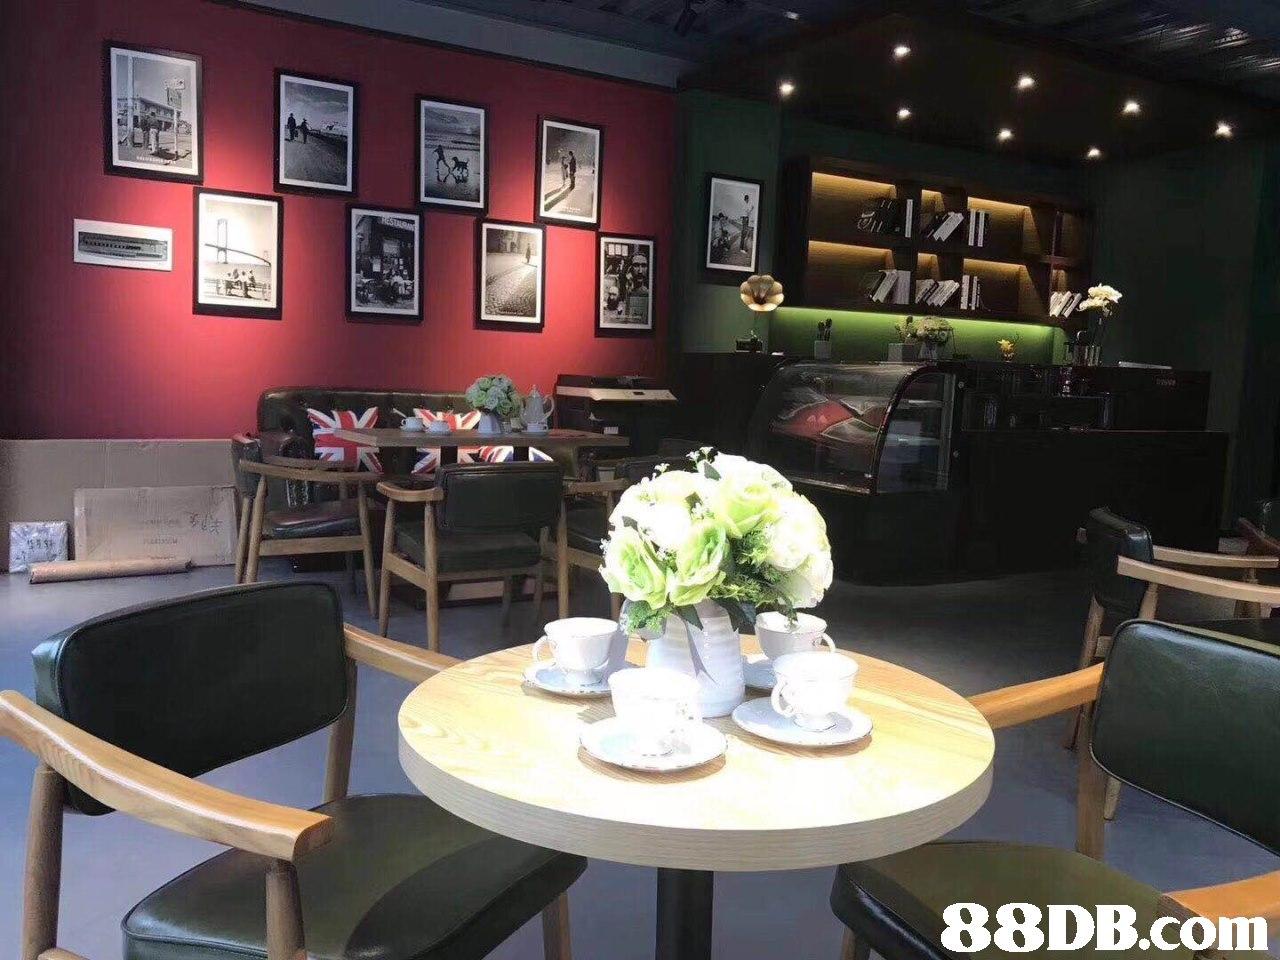 room,interior design,restaurant,